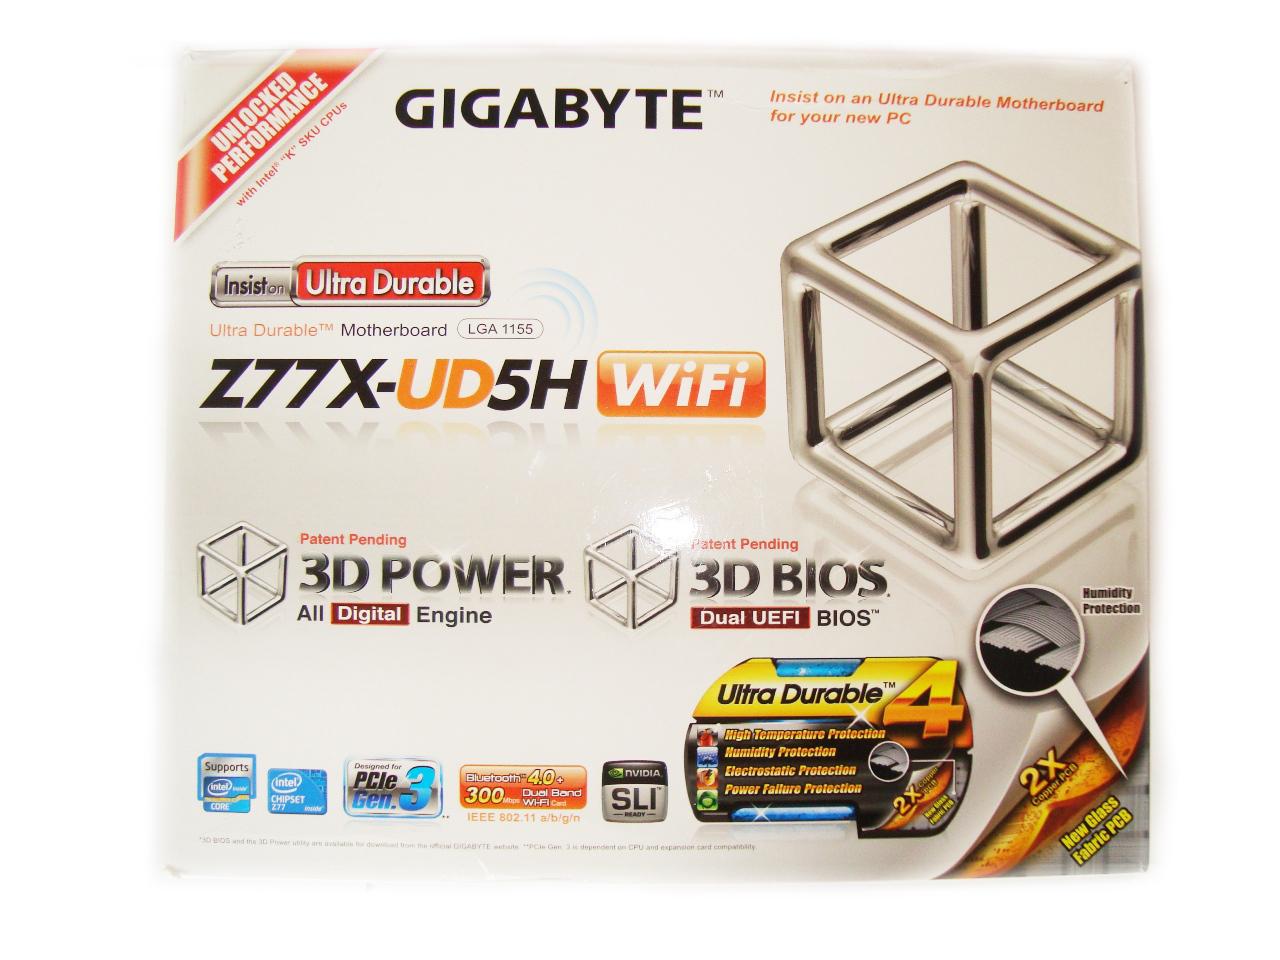 Gigabyte Z77X-UD5H-WB WIFI opakowanie